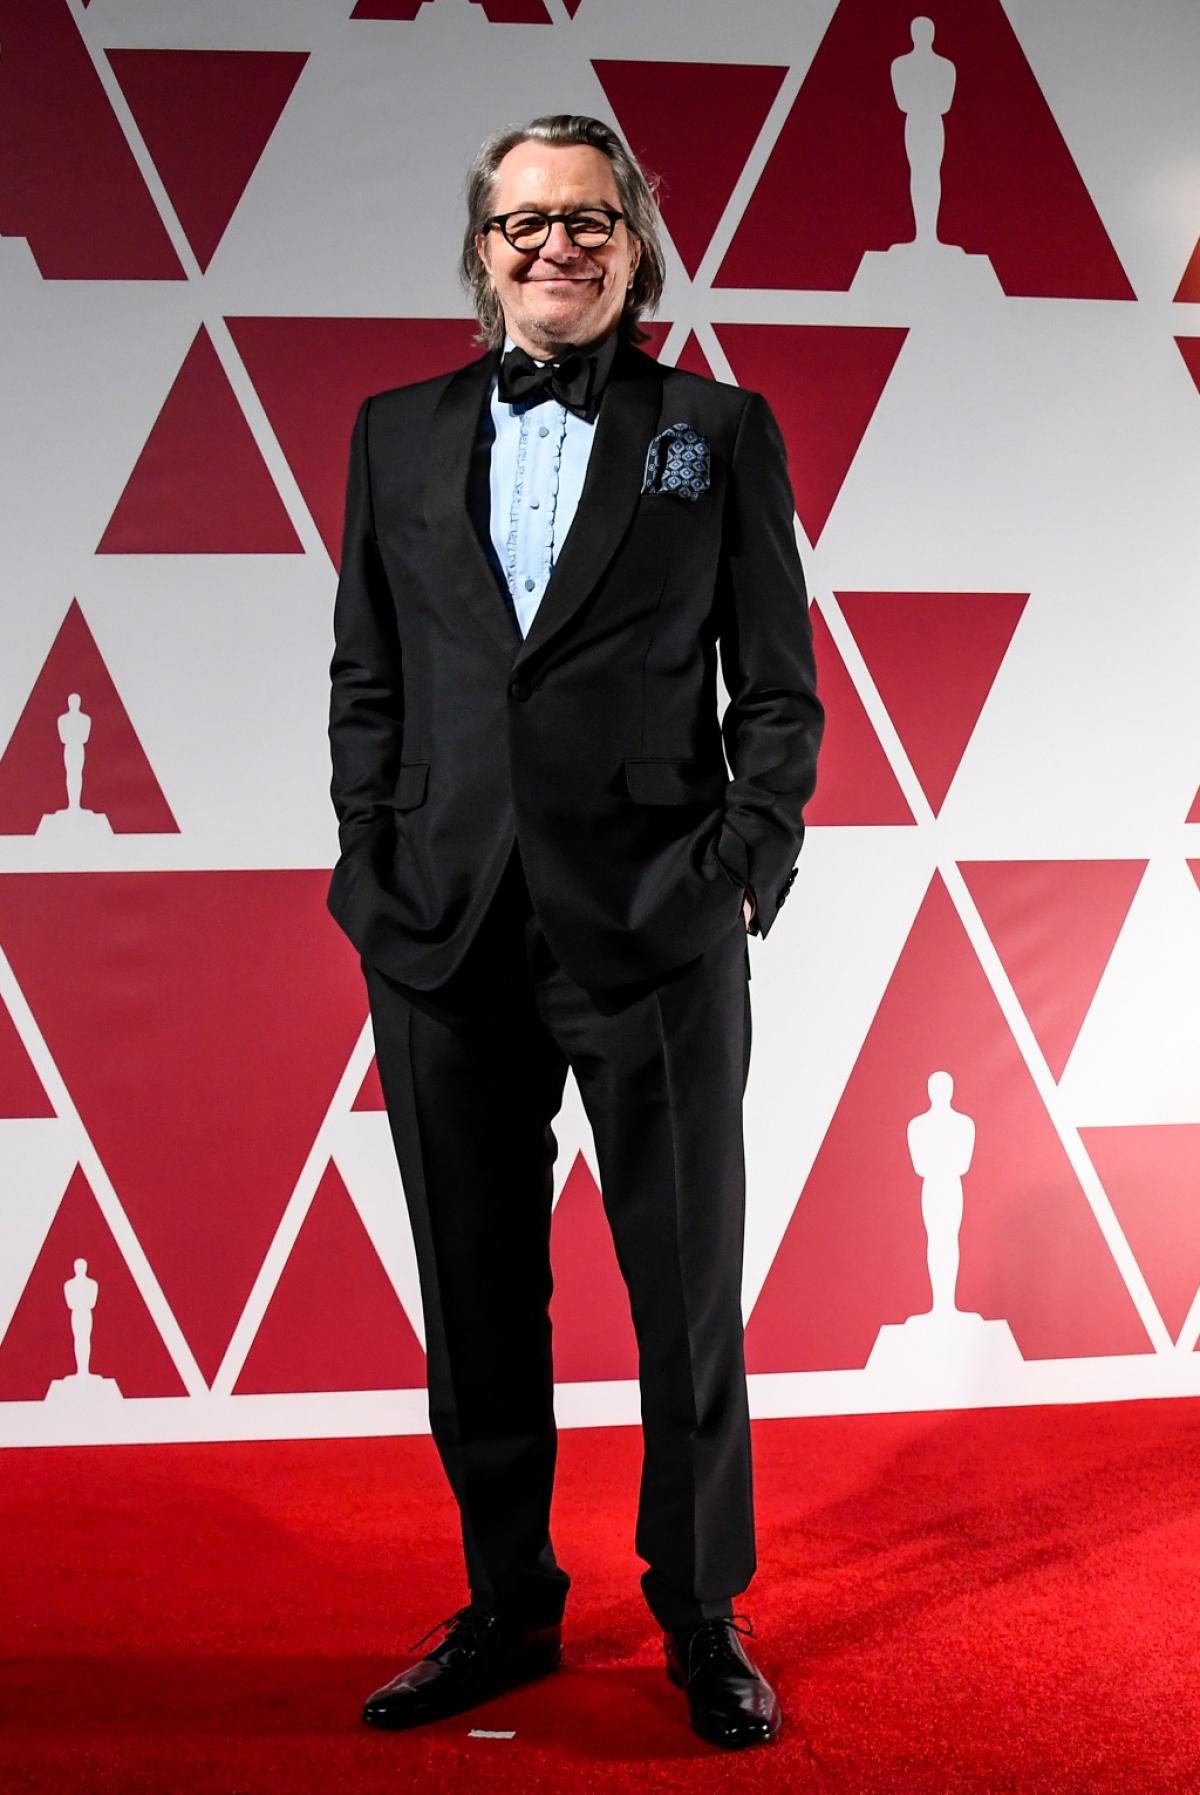 """Nam diễn viênGary Oldman nhận đề cử cho hạng mục """"Nam diễn viên chính xuất sắc nhất"""" trong vai nhà biên kịch đại tài Herman J. Mankiewicz của """"Citizen Kane"""" với bộ phim """"Mank""""."""